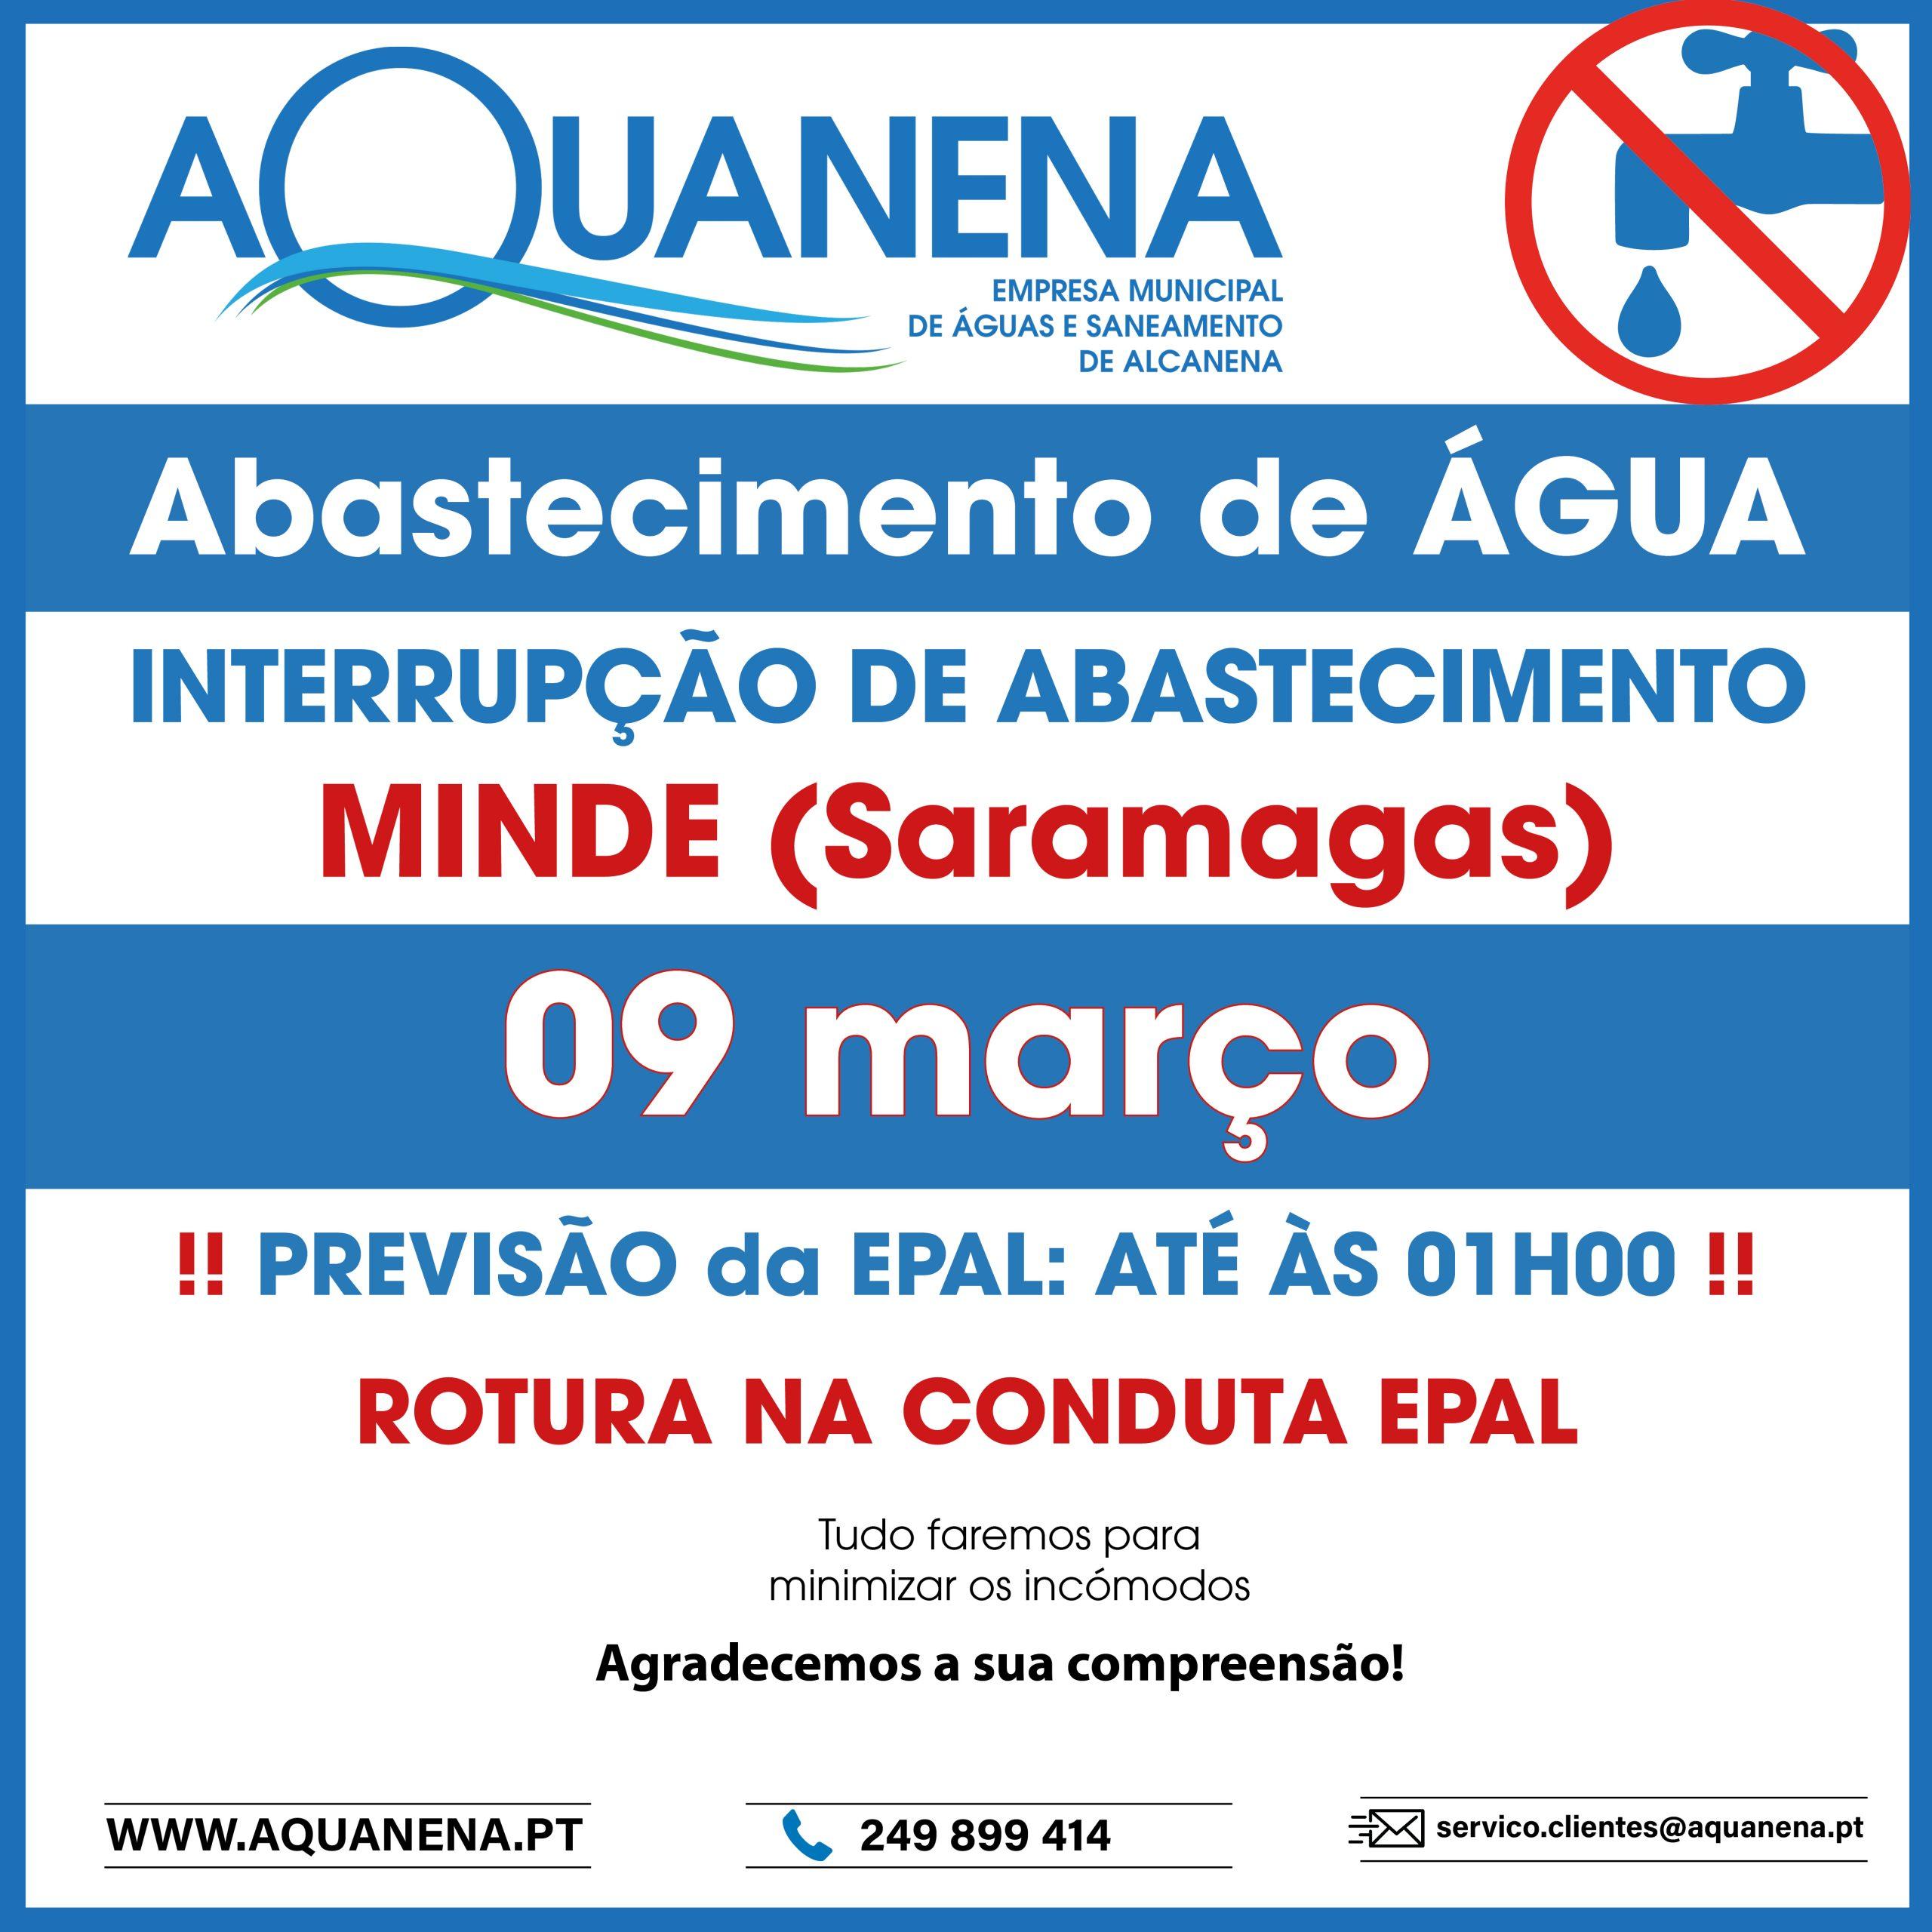 INTERRUPÇÃO de abastecimento de água em MINDE (zona Saramagas) | Rotura | 09 MAR